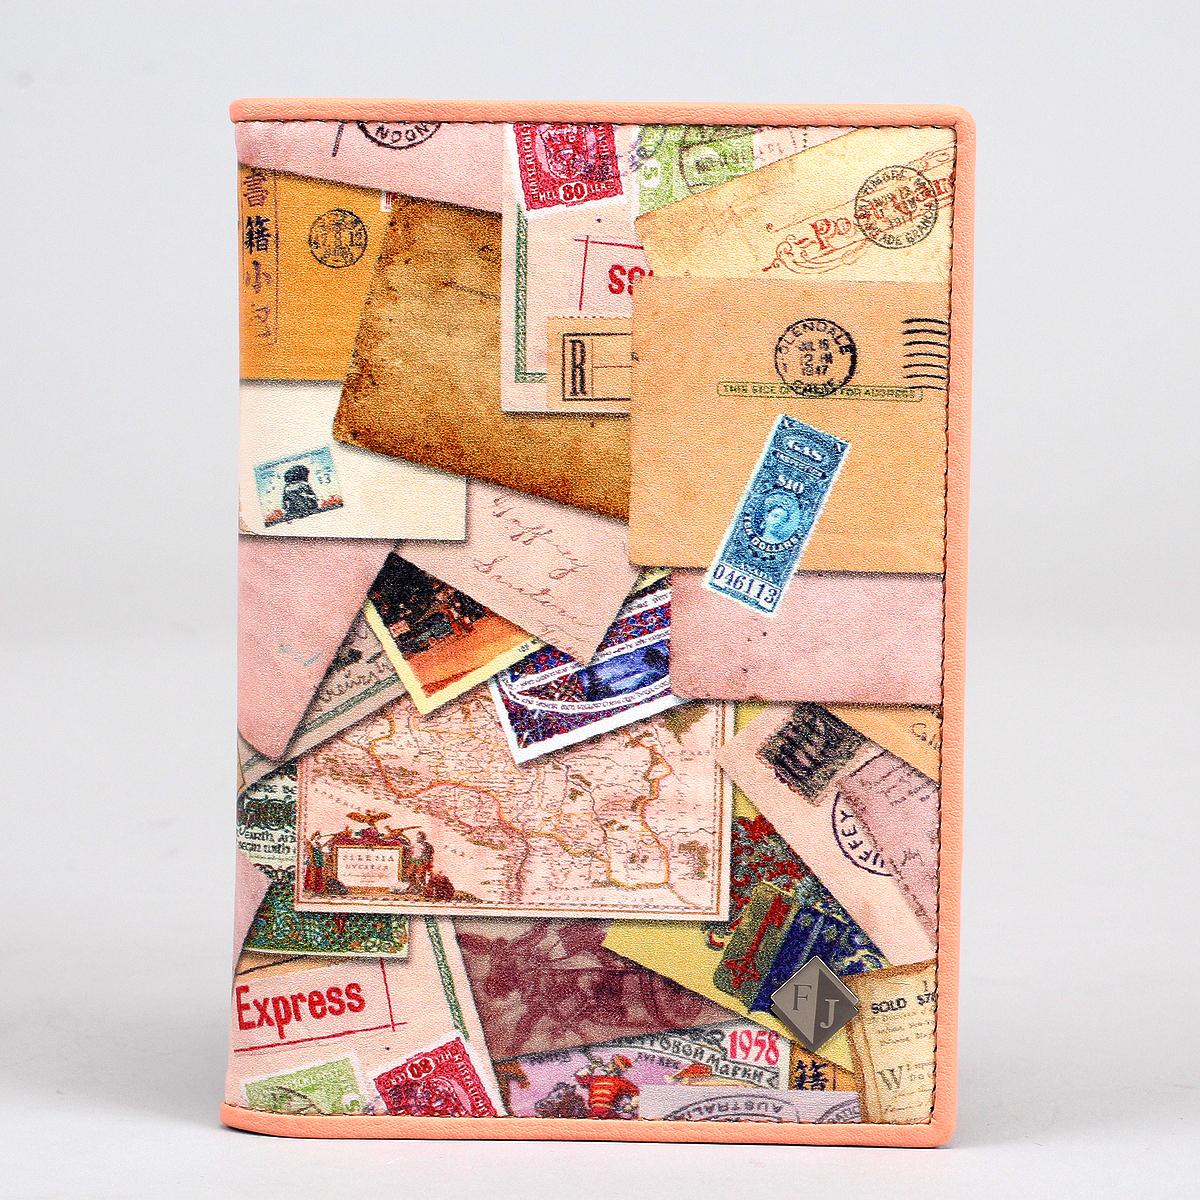 Обложка на автодокументы и паспорт жен. Flioraj, цвет: бежевый. 136-Postcard136-PostcardУдобная и практичная обложка для автодокументов из высококачественной натуральной кожи. Прекрасное довершение Вашего стиля и незаменимый аксессуар.